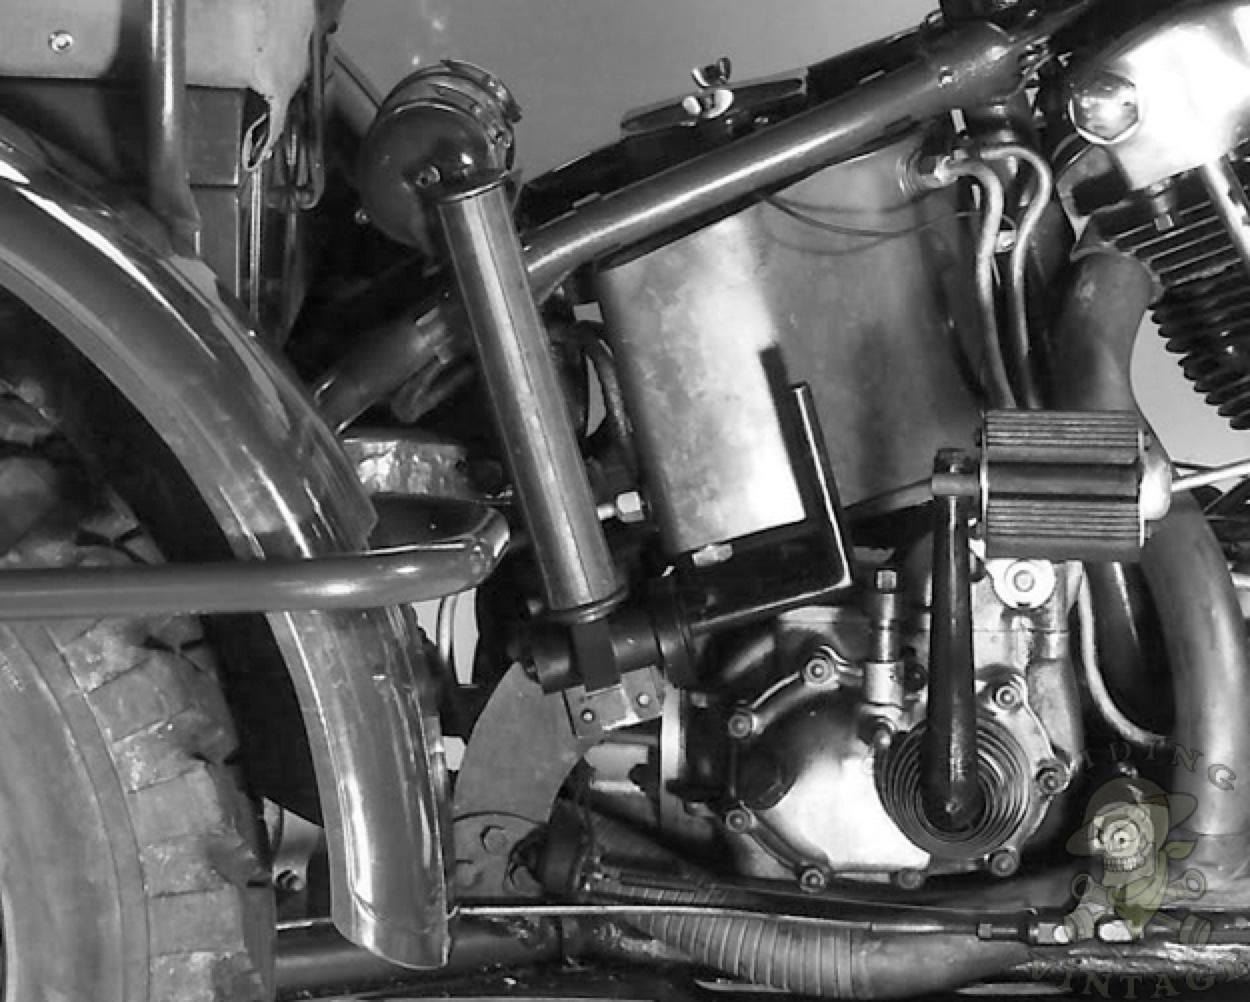 Detalle del depósito de aceite, pedal de arranque y chasis